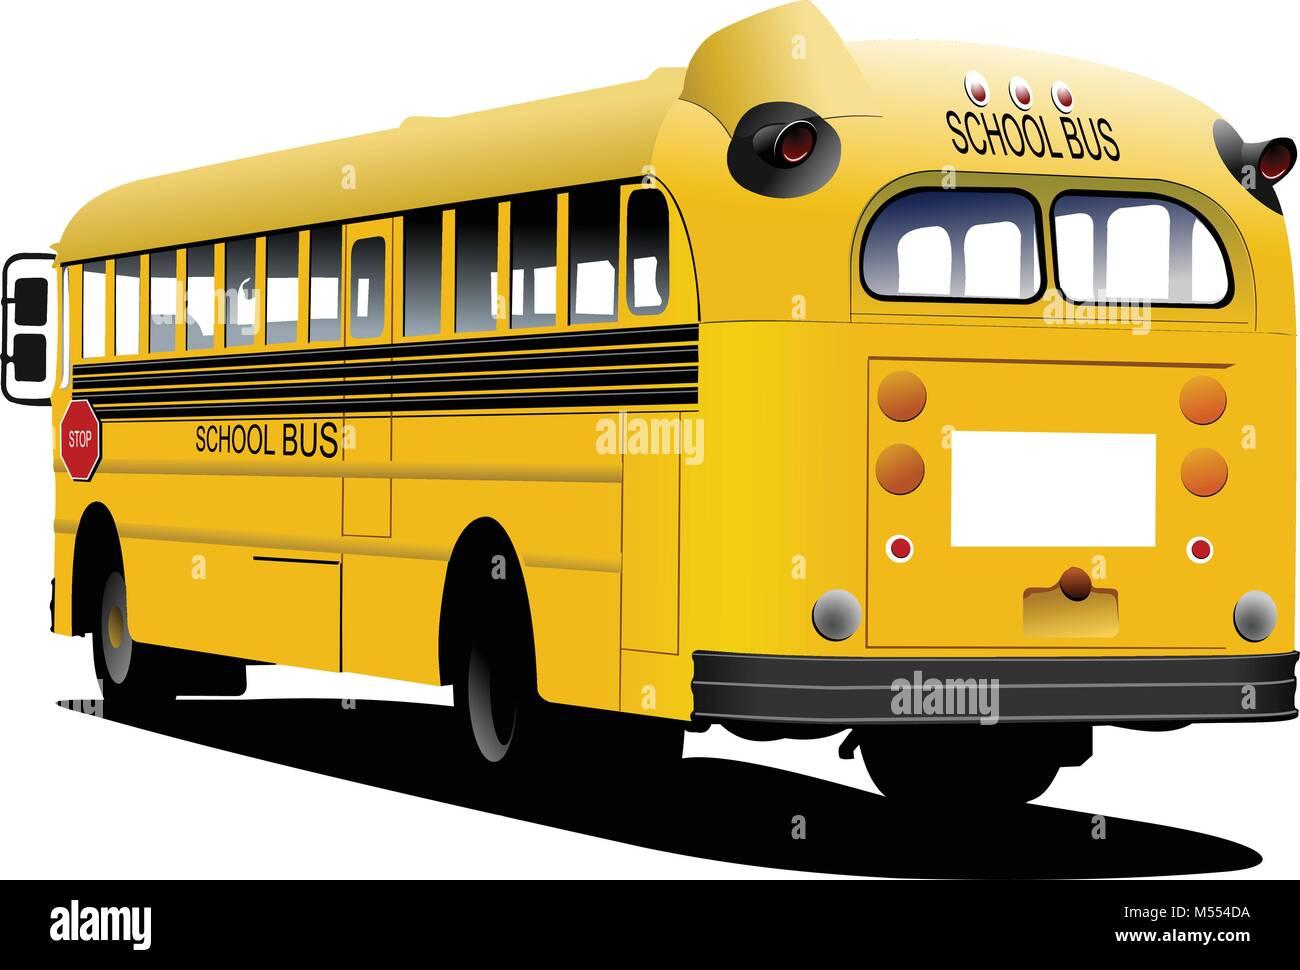 School Bus Vector Profile